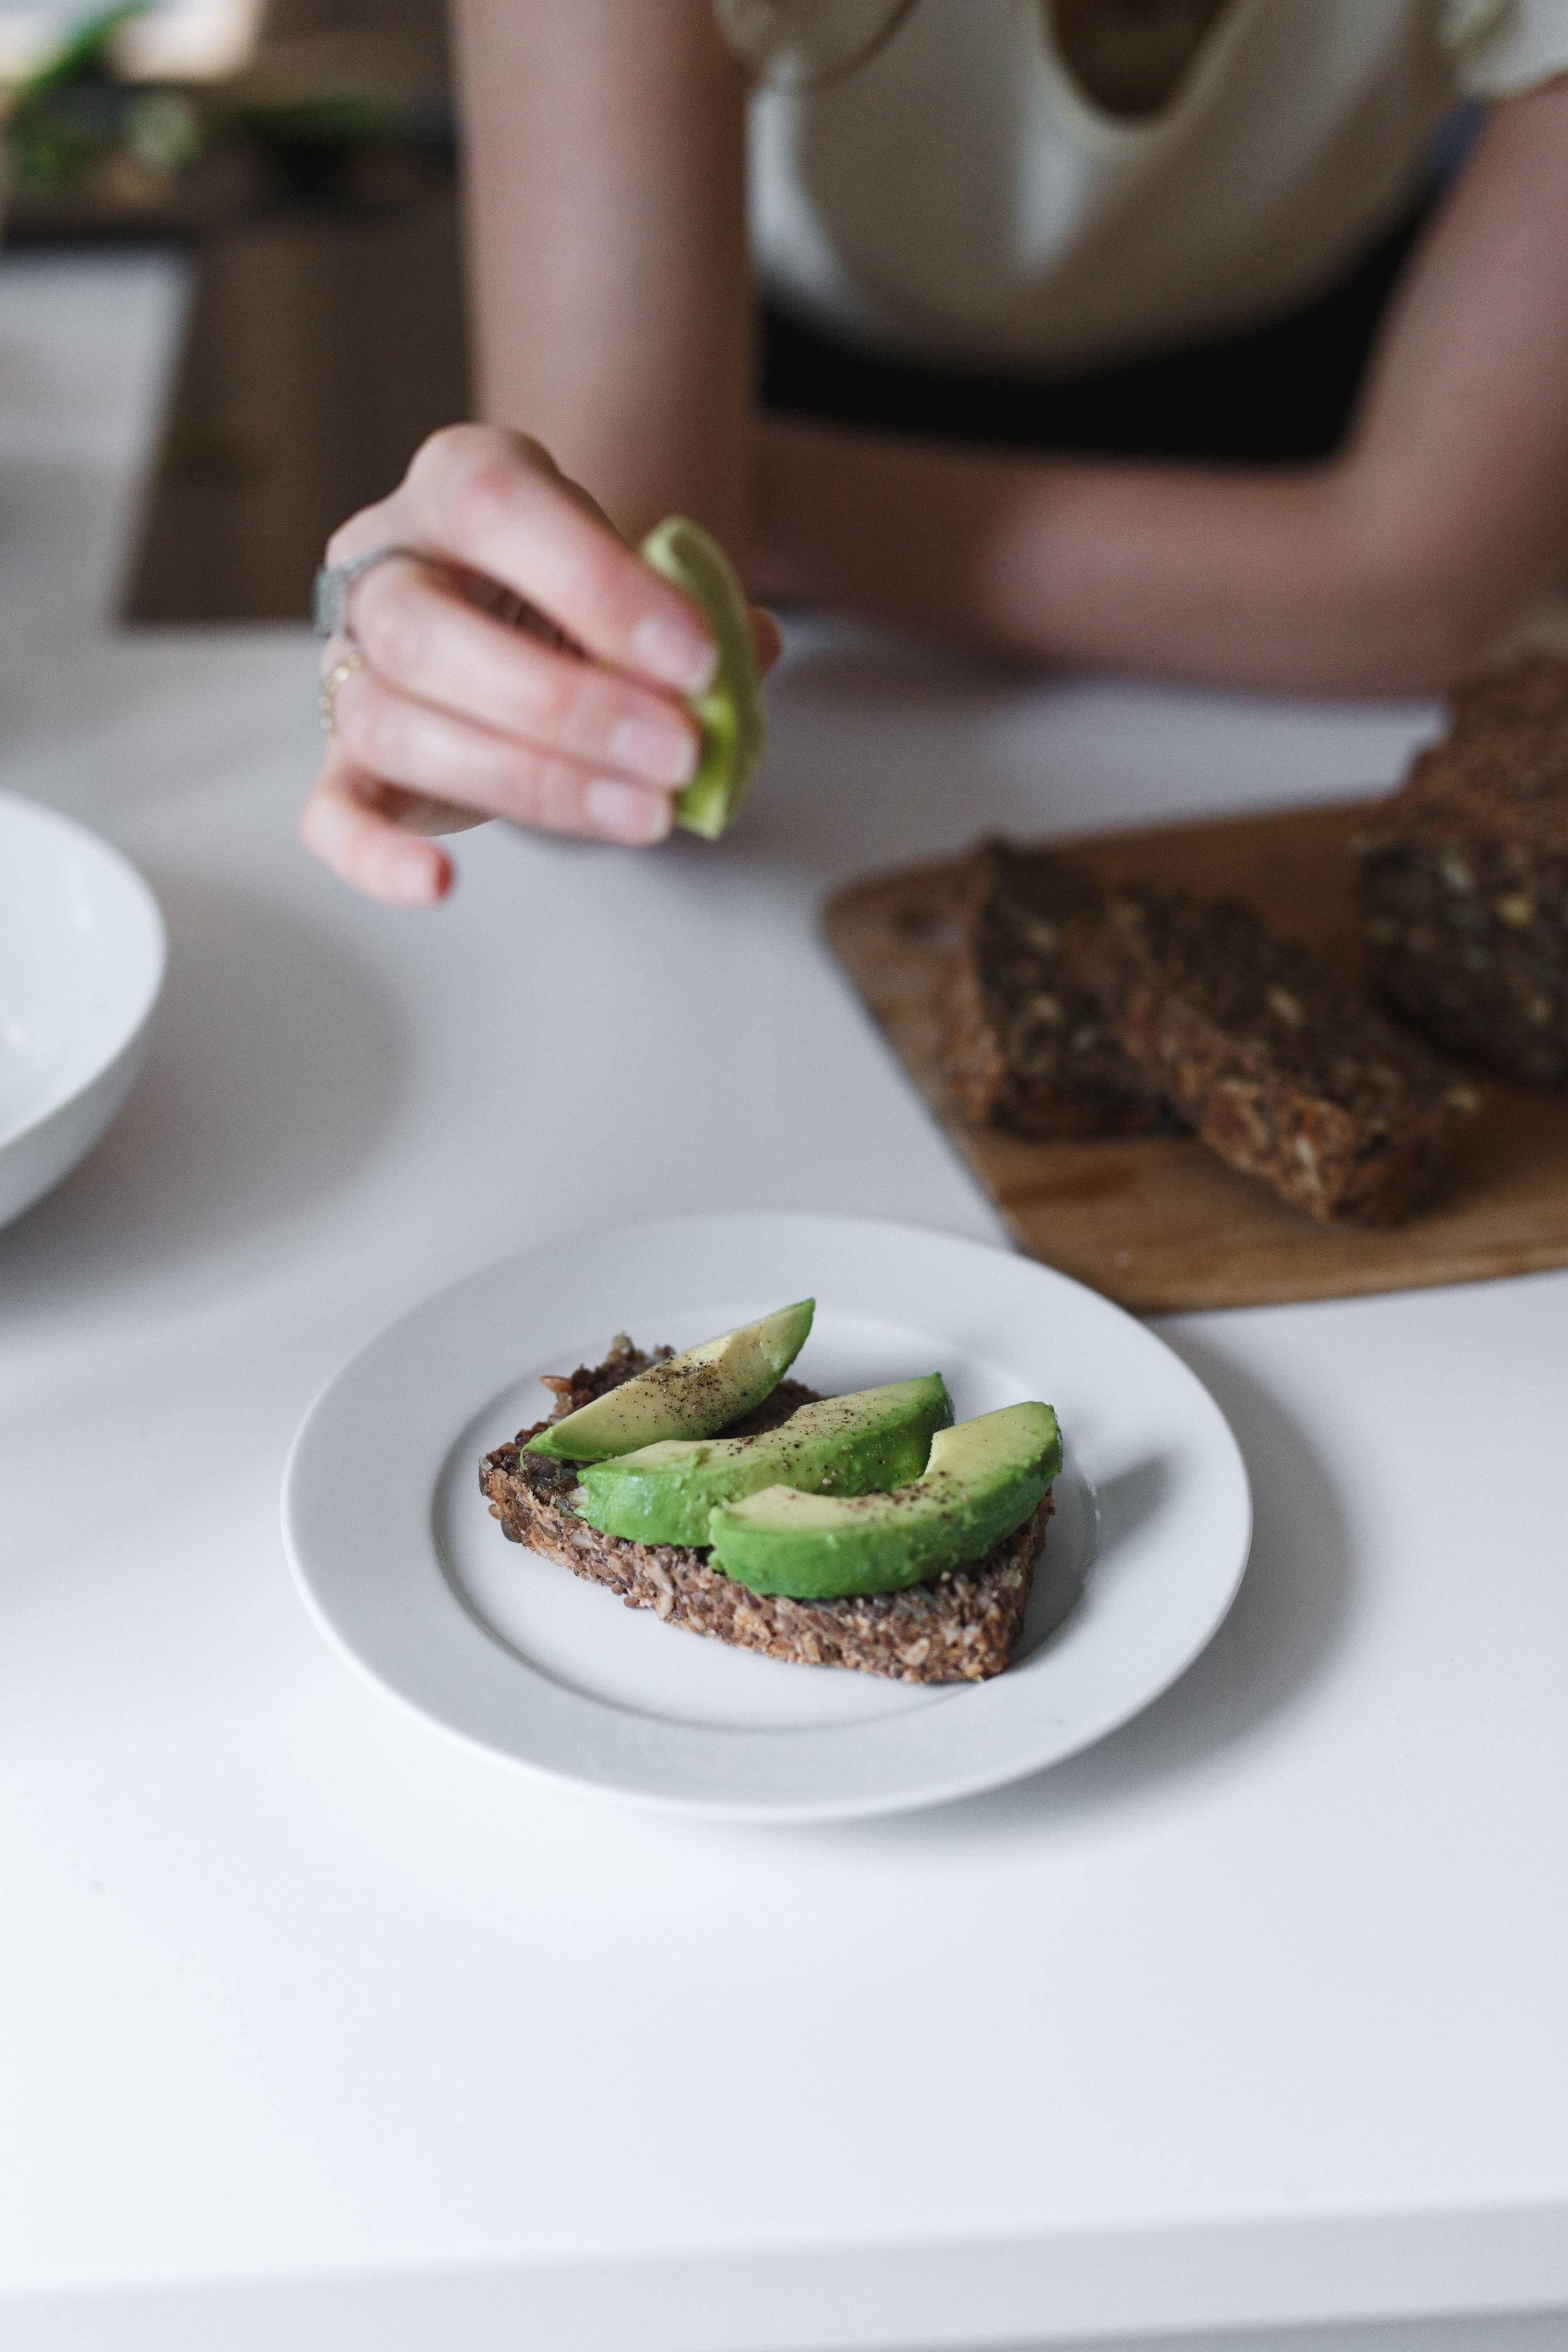 Holly White Vegan, Avocado Toast, Dublin